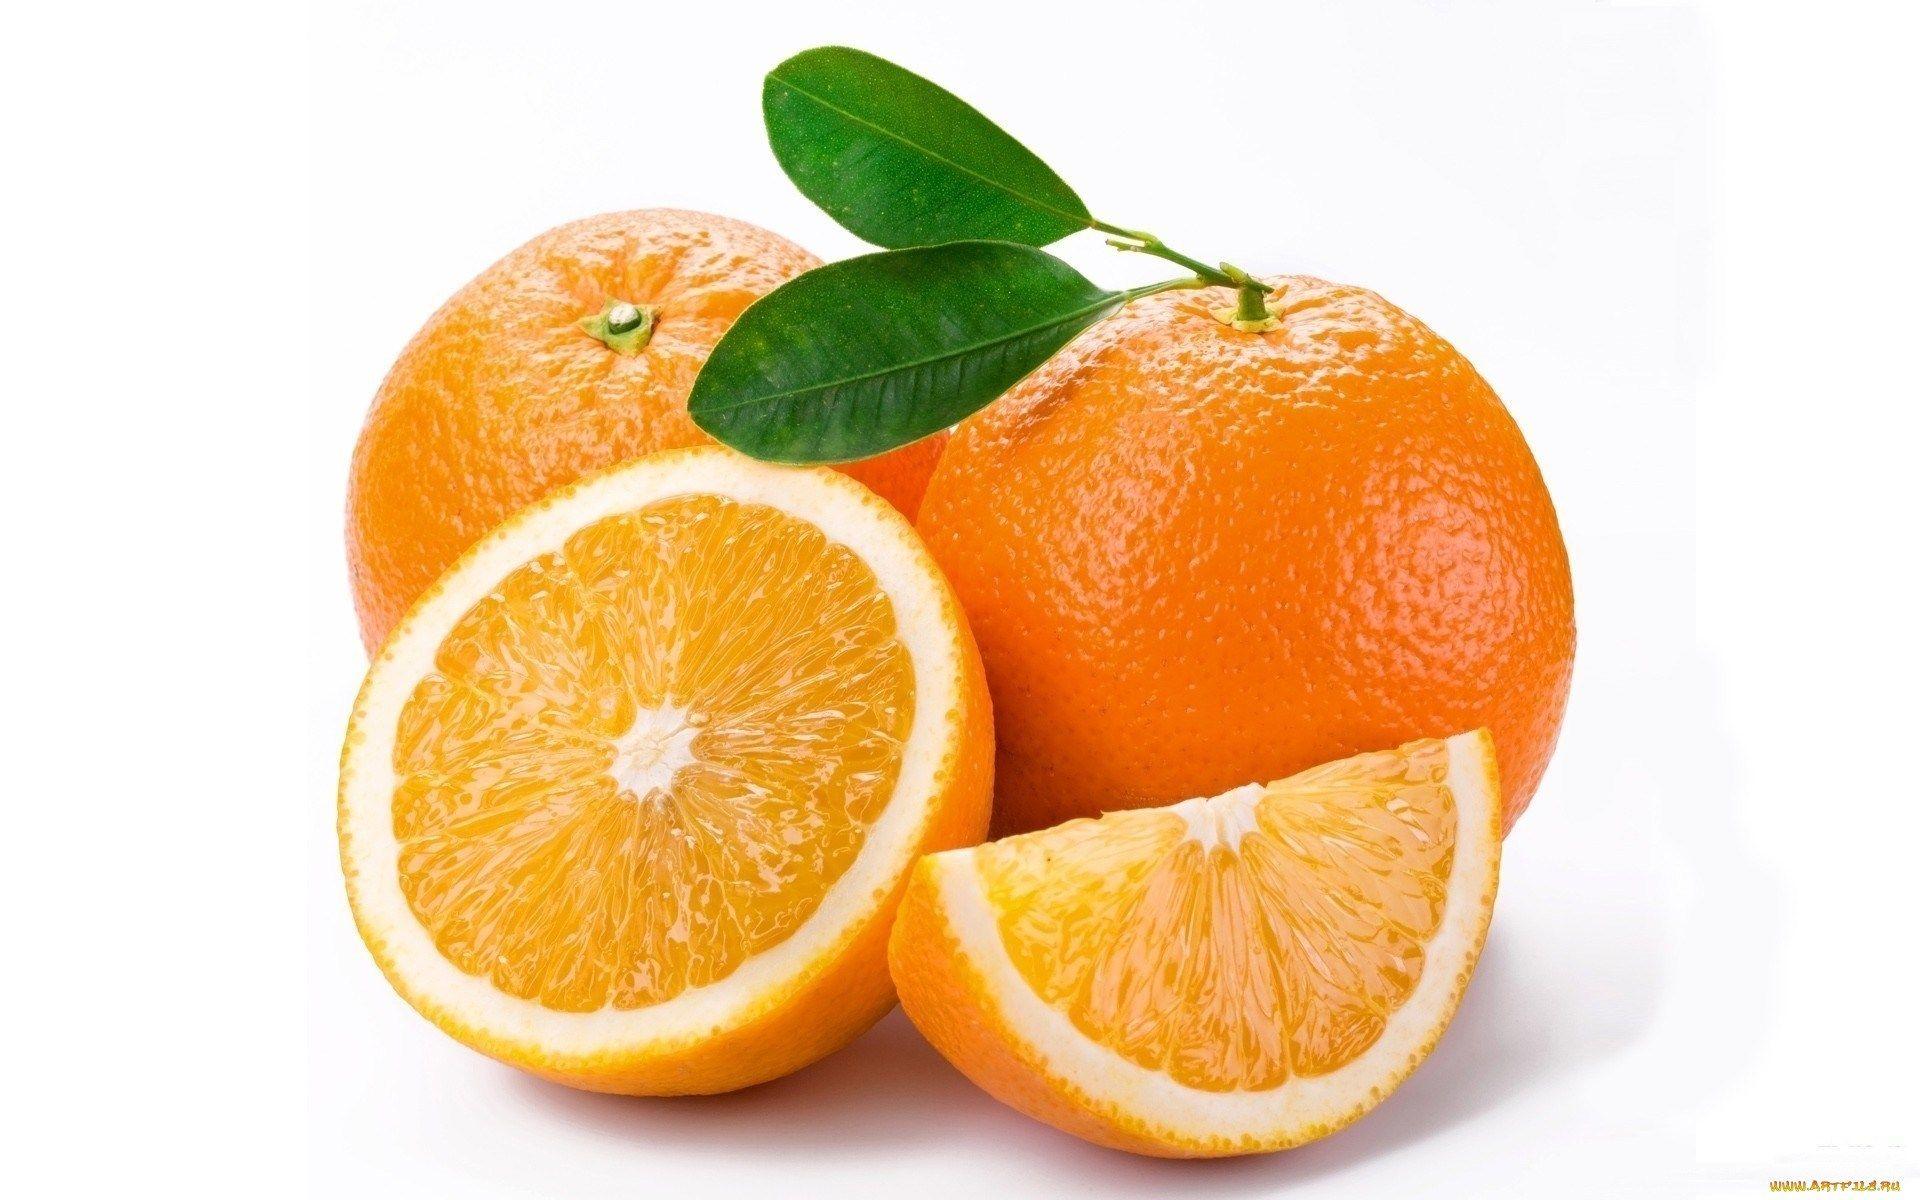 Kingston Young Orange Backgrounds For Laptop 1920x1200 Px Orange Fruit Orange Fruit